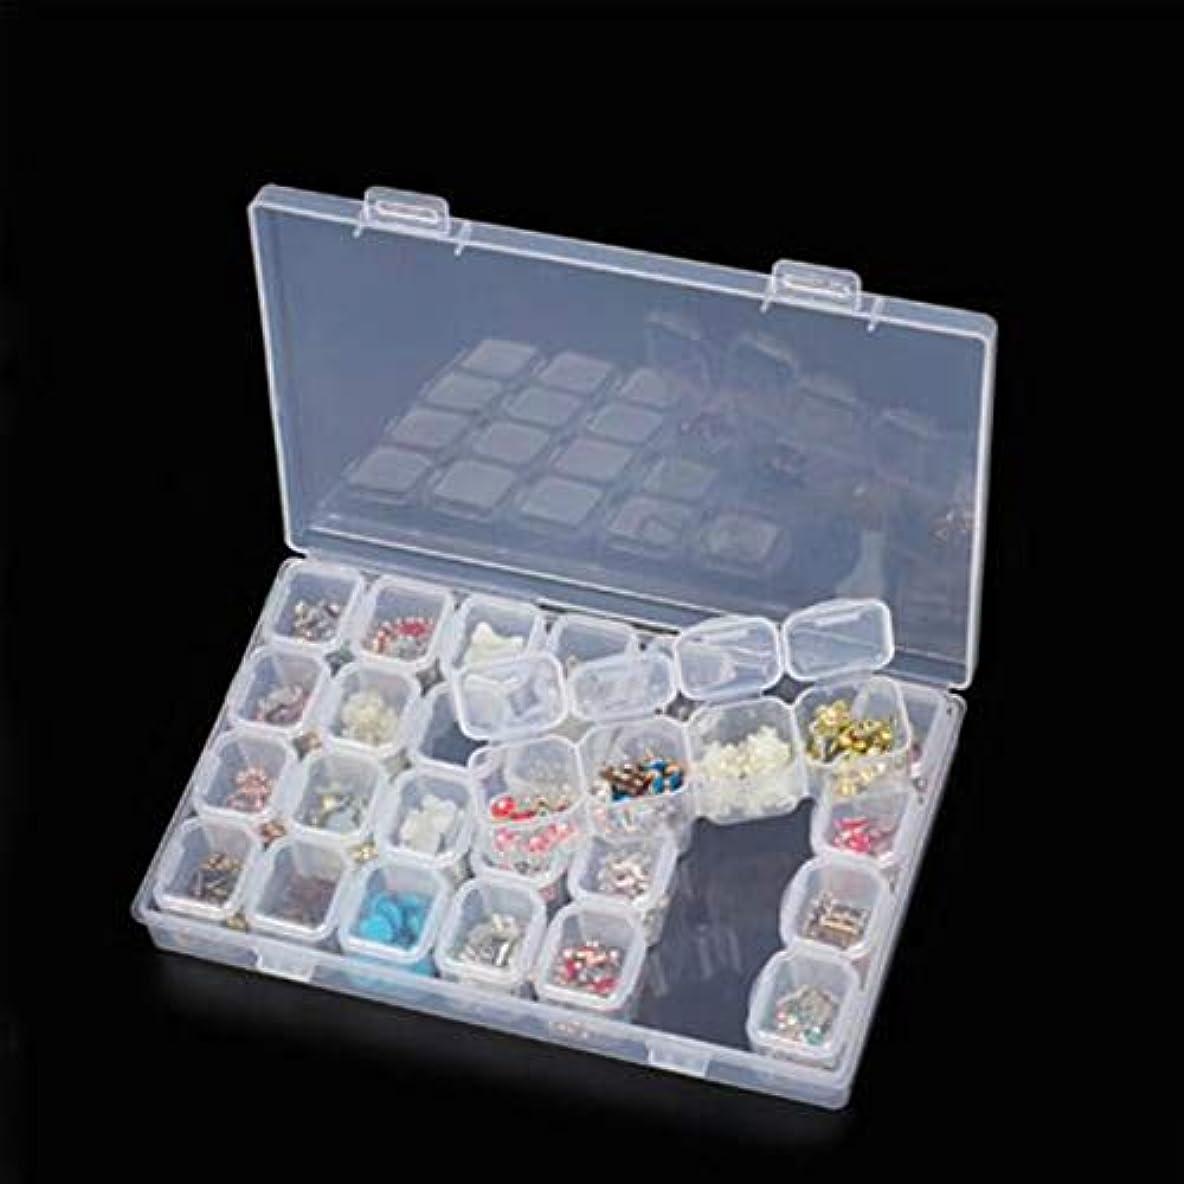 出席するプロペラ申請者28スロットプラスチック収納ボックスボックスダイヤモンド塗装キットネールアートラインツールズ収納収納ボックスケースオーガナイザーホルダー(透明)